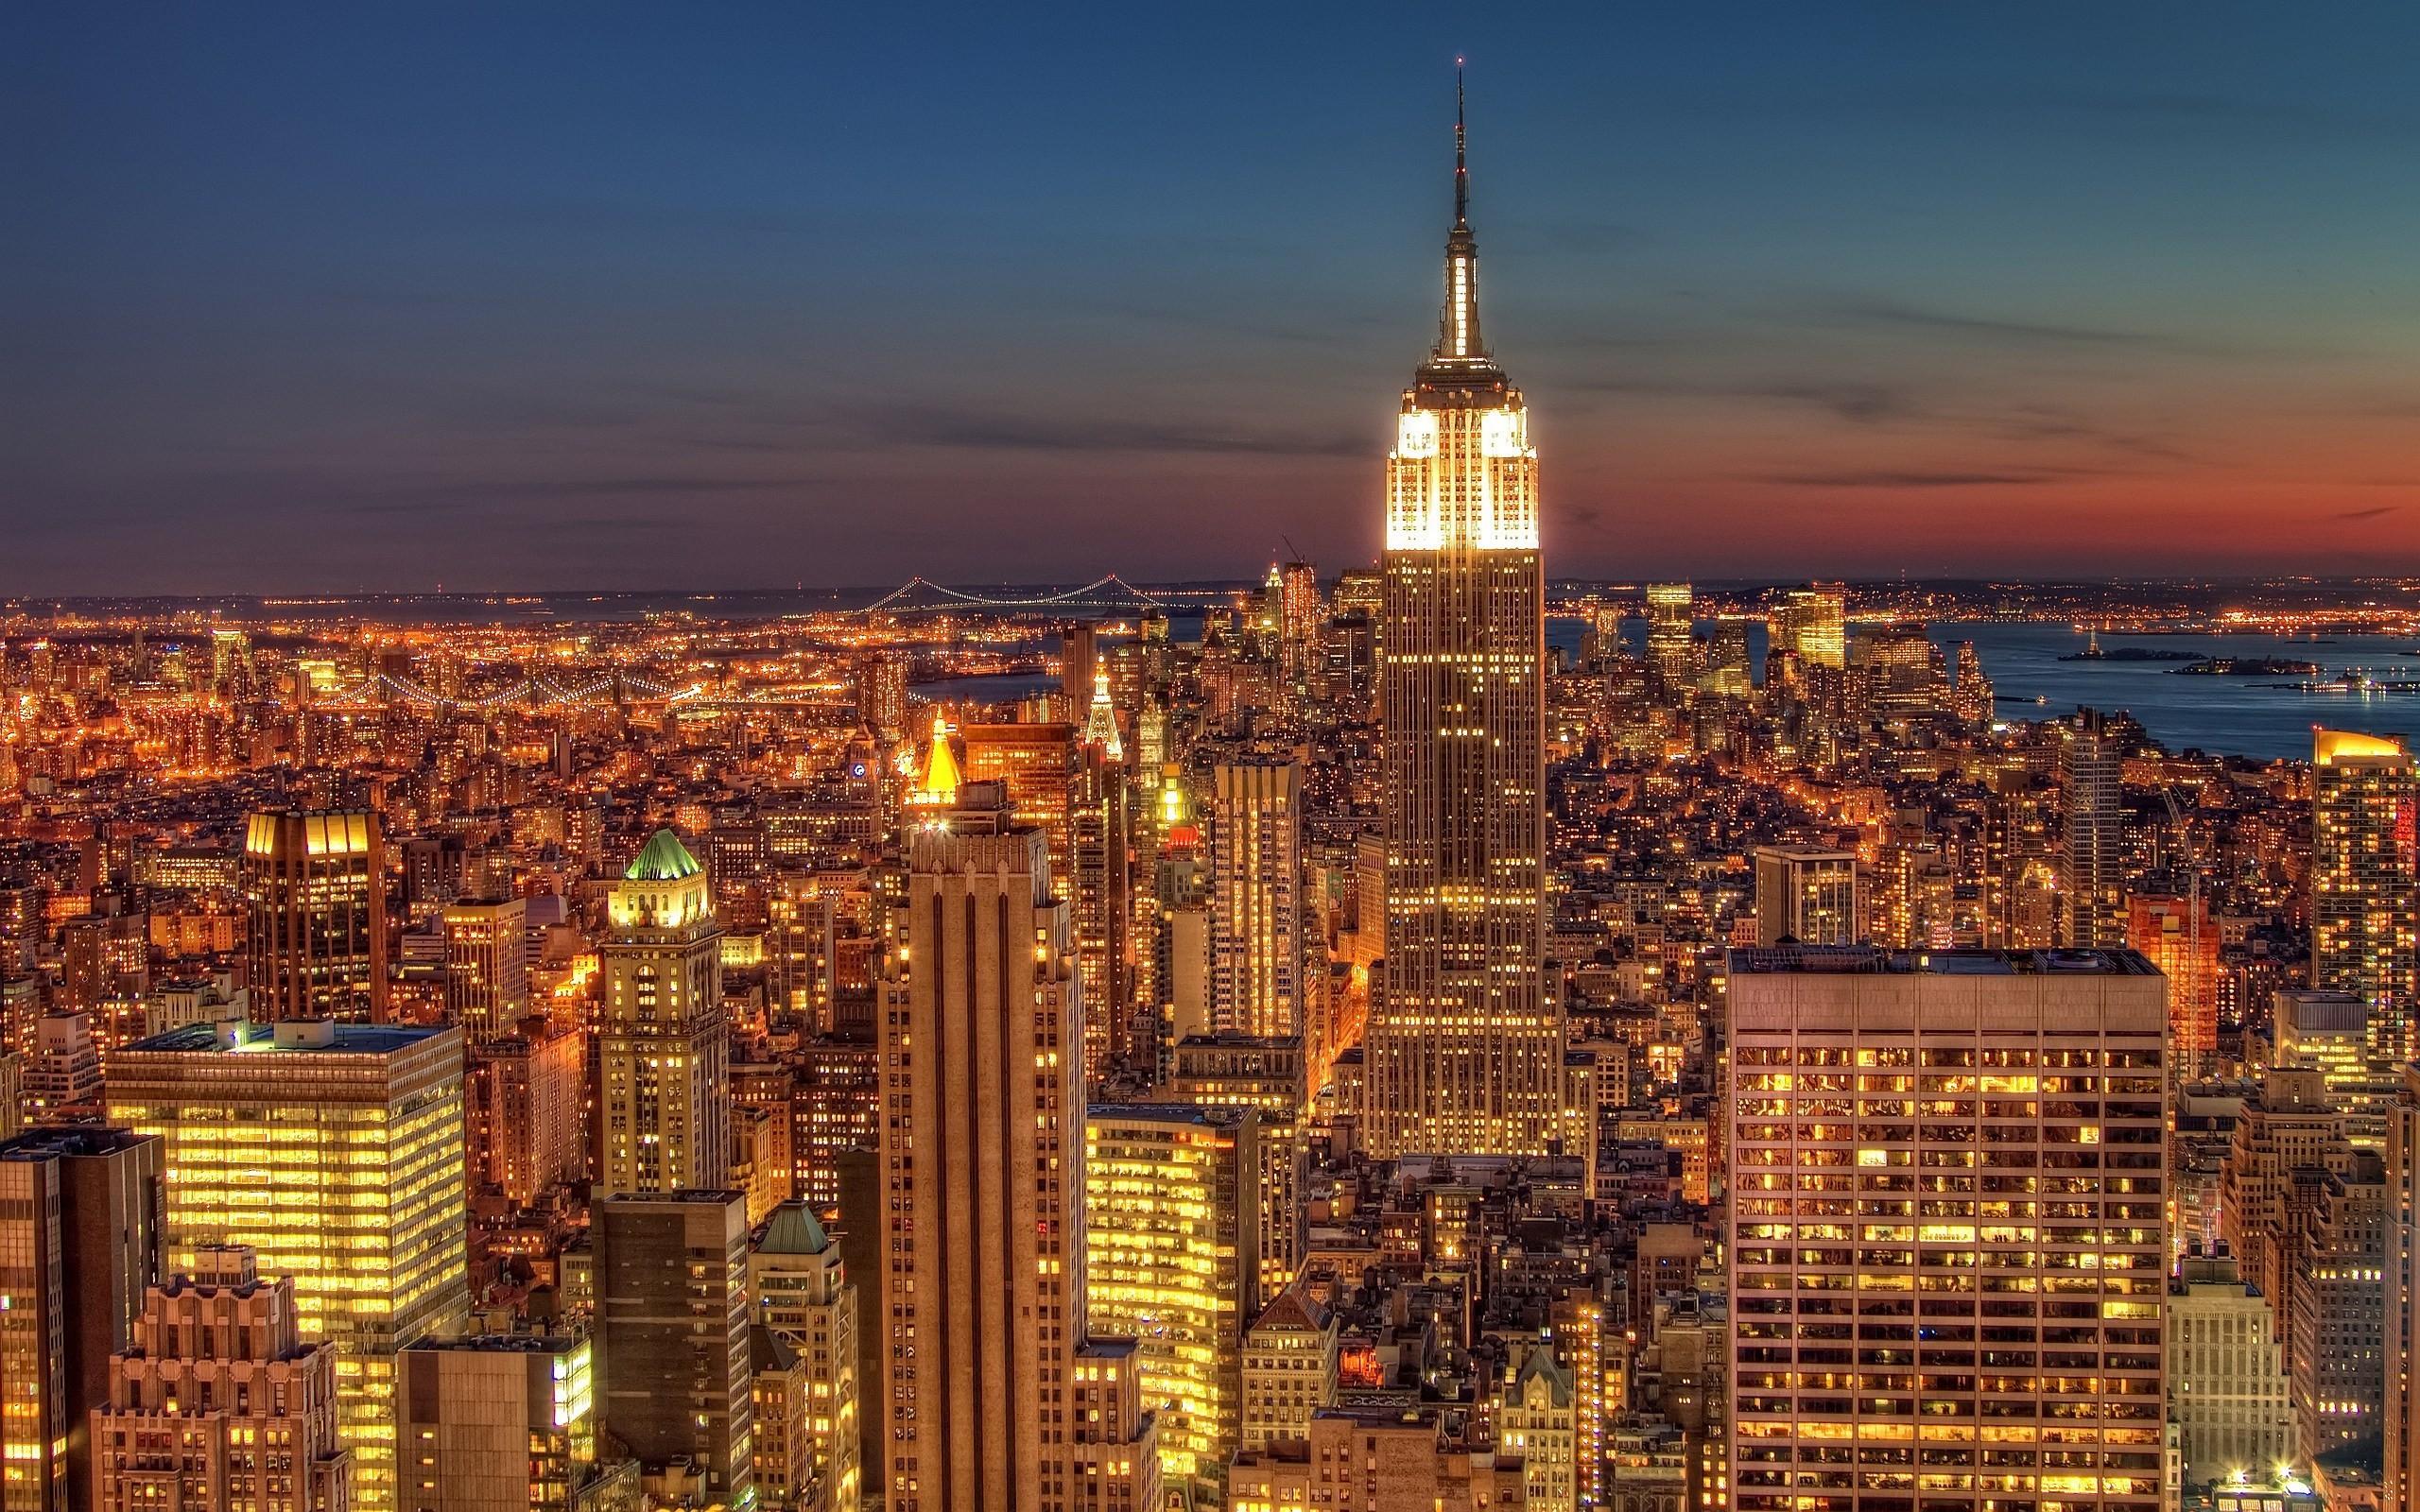 new-york-full-hd-new-york-category-wallpaper-